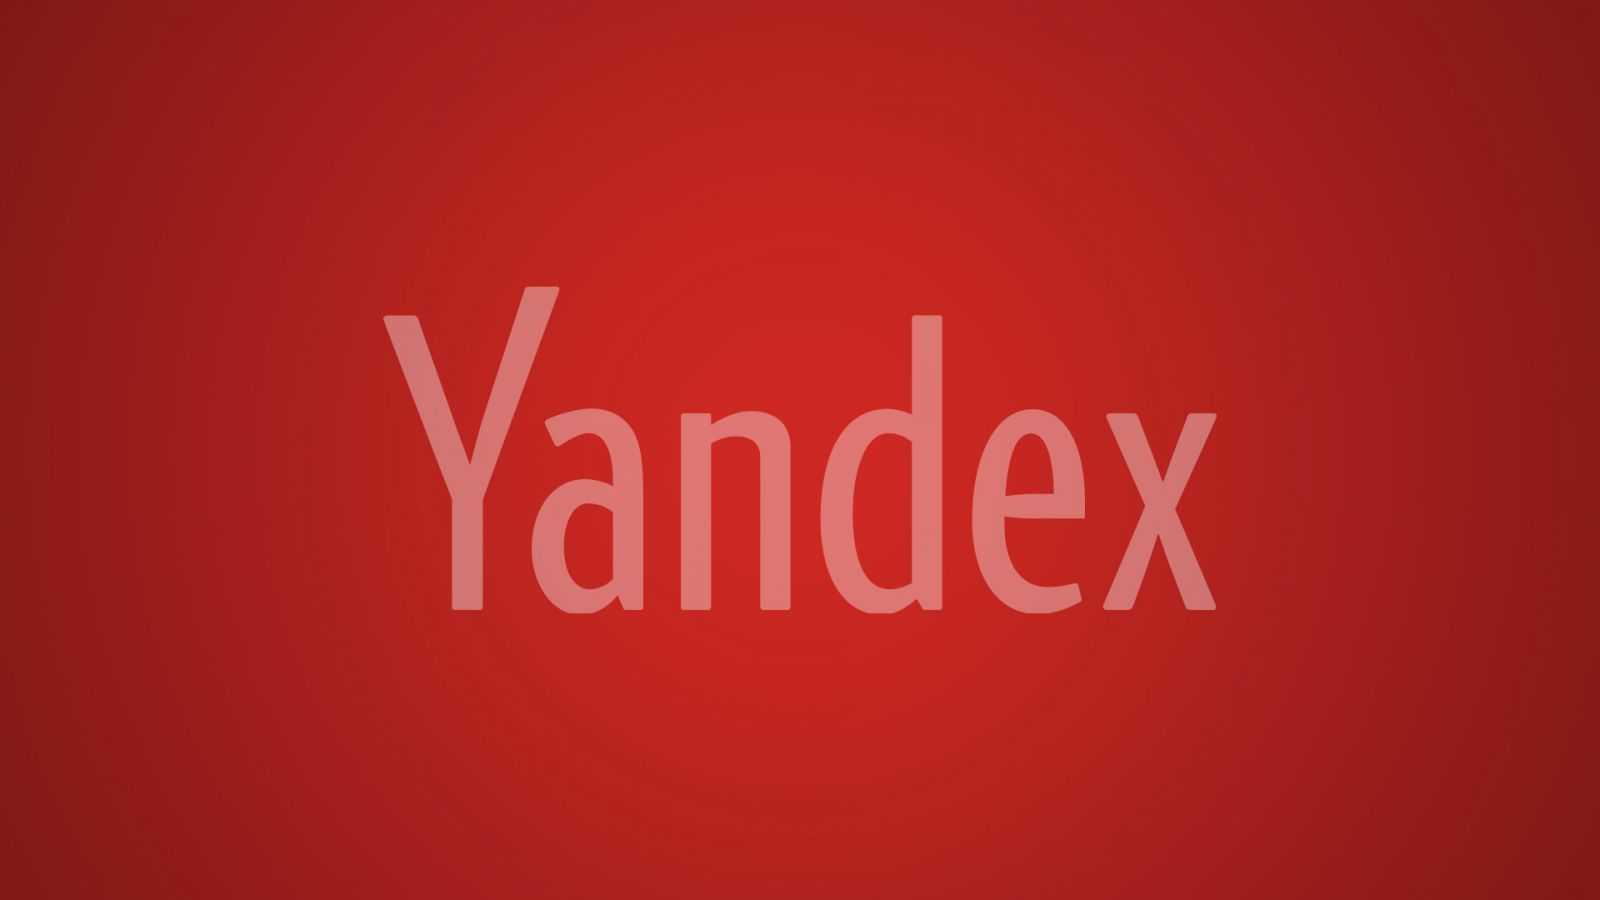 В телевизорах на платформе Яндекса появилась Алиса: она умеет переключать каналы и подбирать фильмы